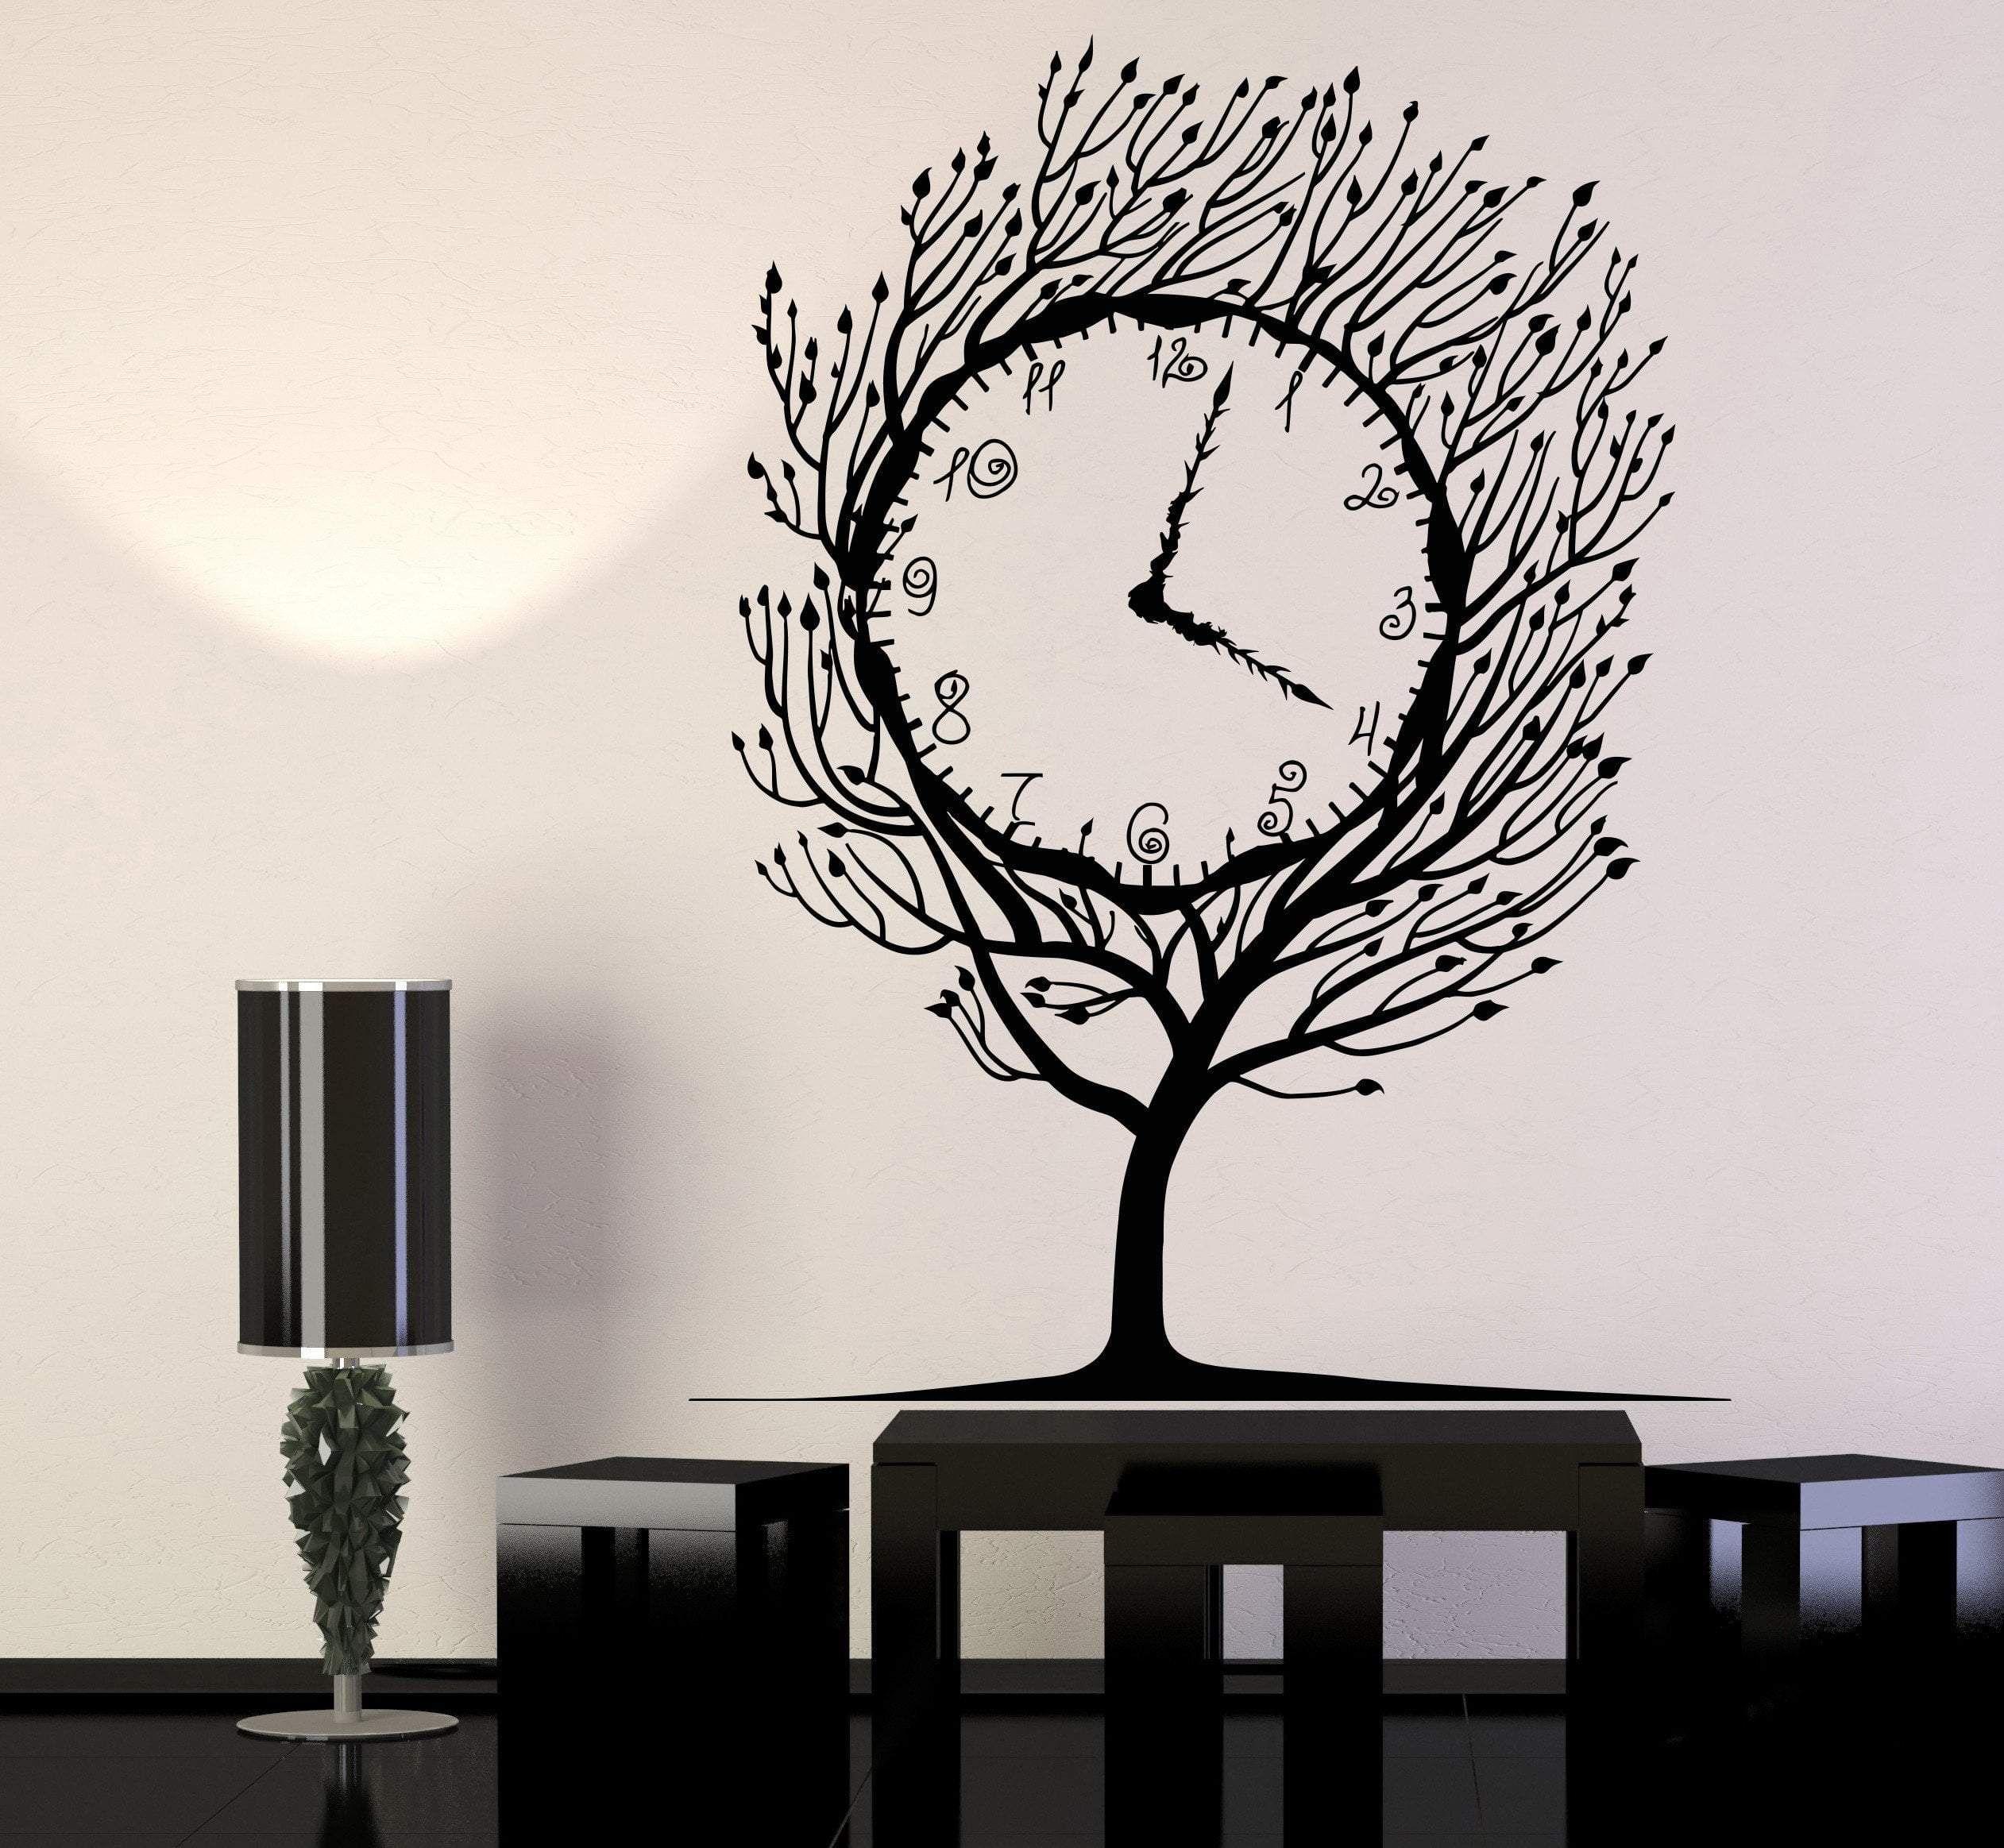 Vinyl Wall Decal Art Tree Clock Salvador Dali Home Decor Stickers Unique Gift 1280ig Vinyl Wall Decals Wall Decals Wall